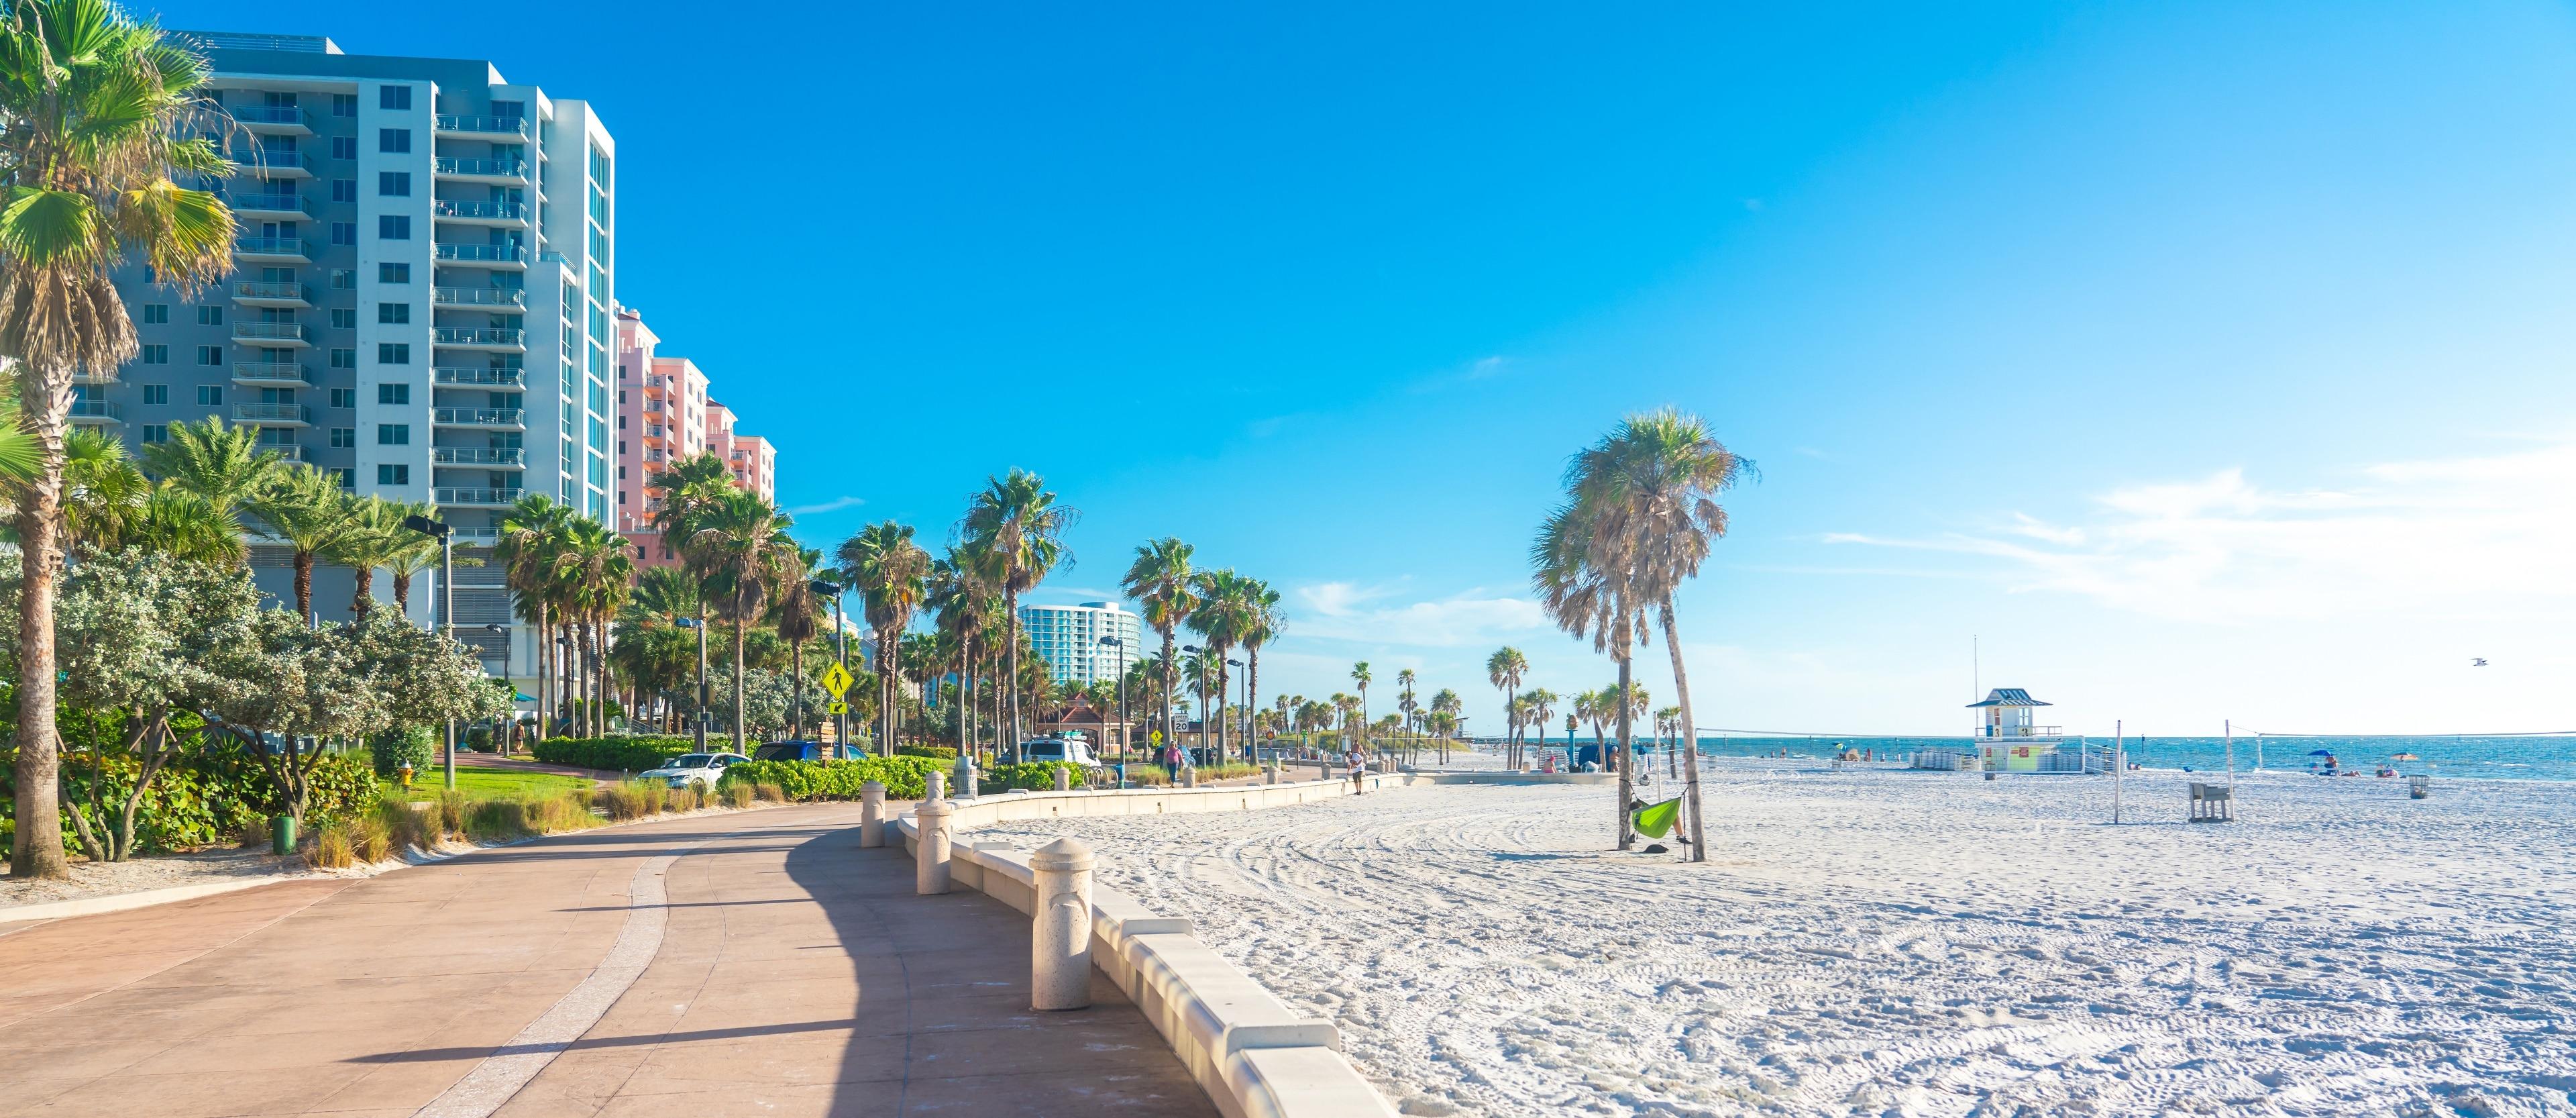 Gulf Shores, USA